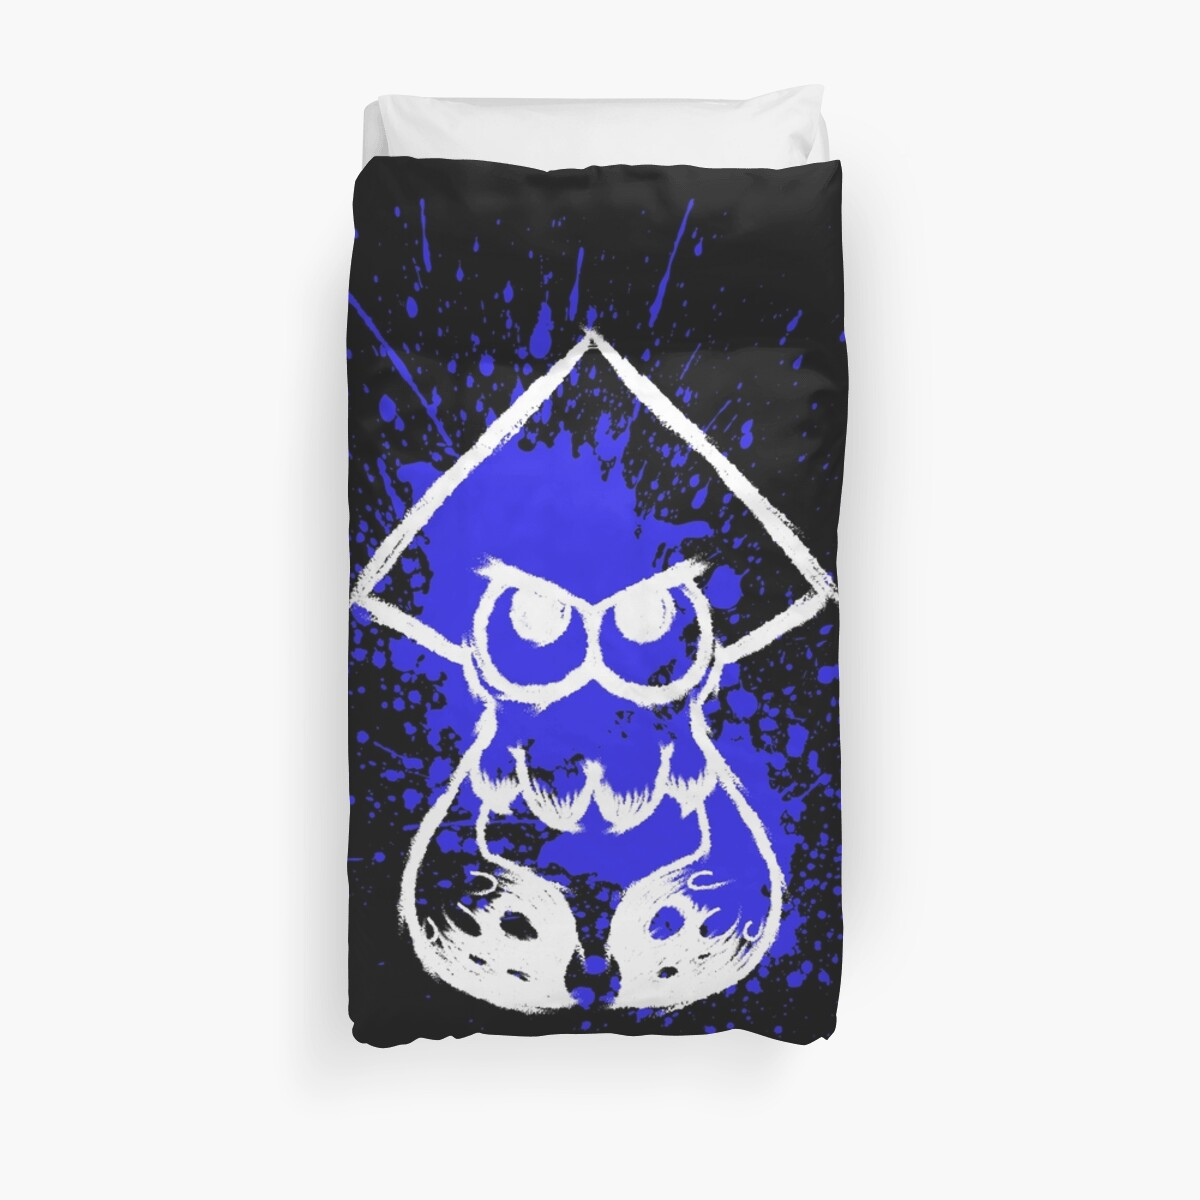 Quot Splatoon White Squid On Blue Splatter Quot Duvet Covers By